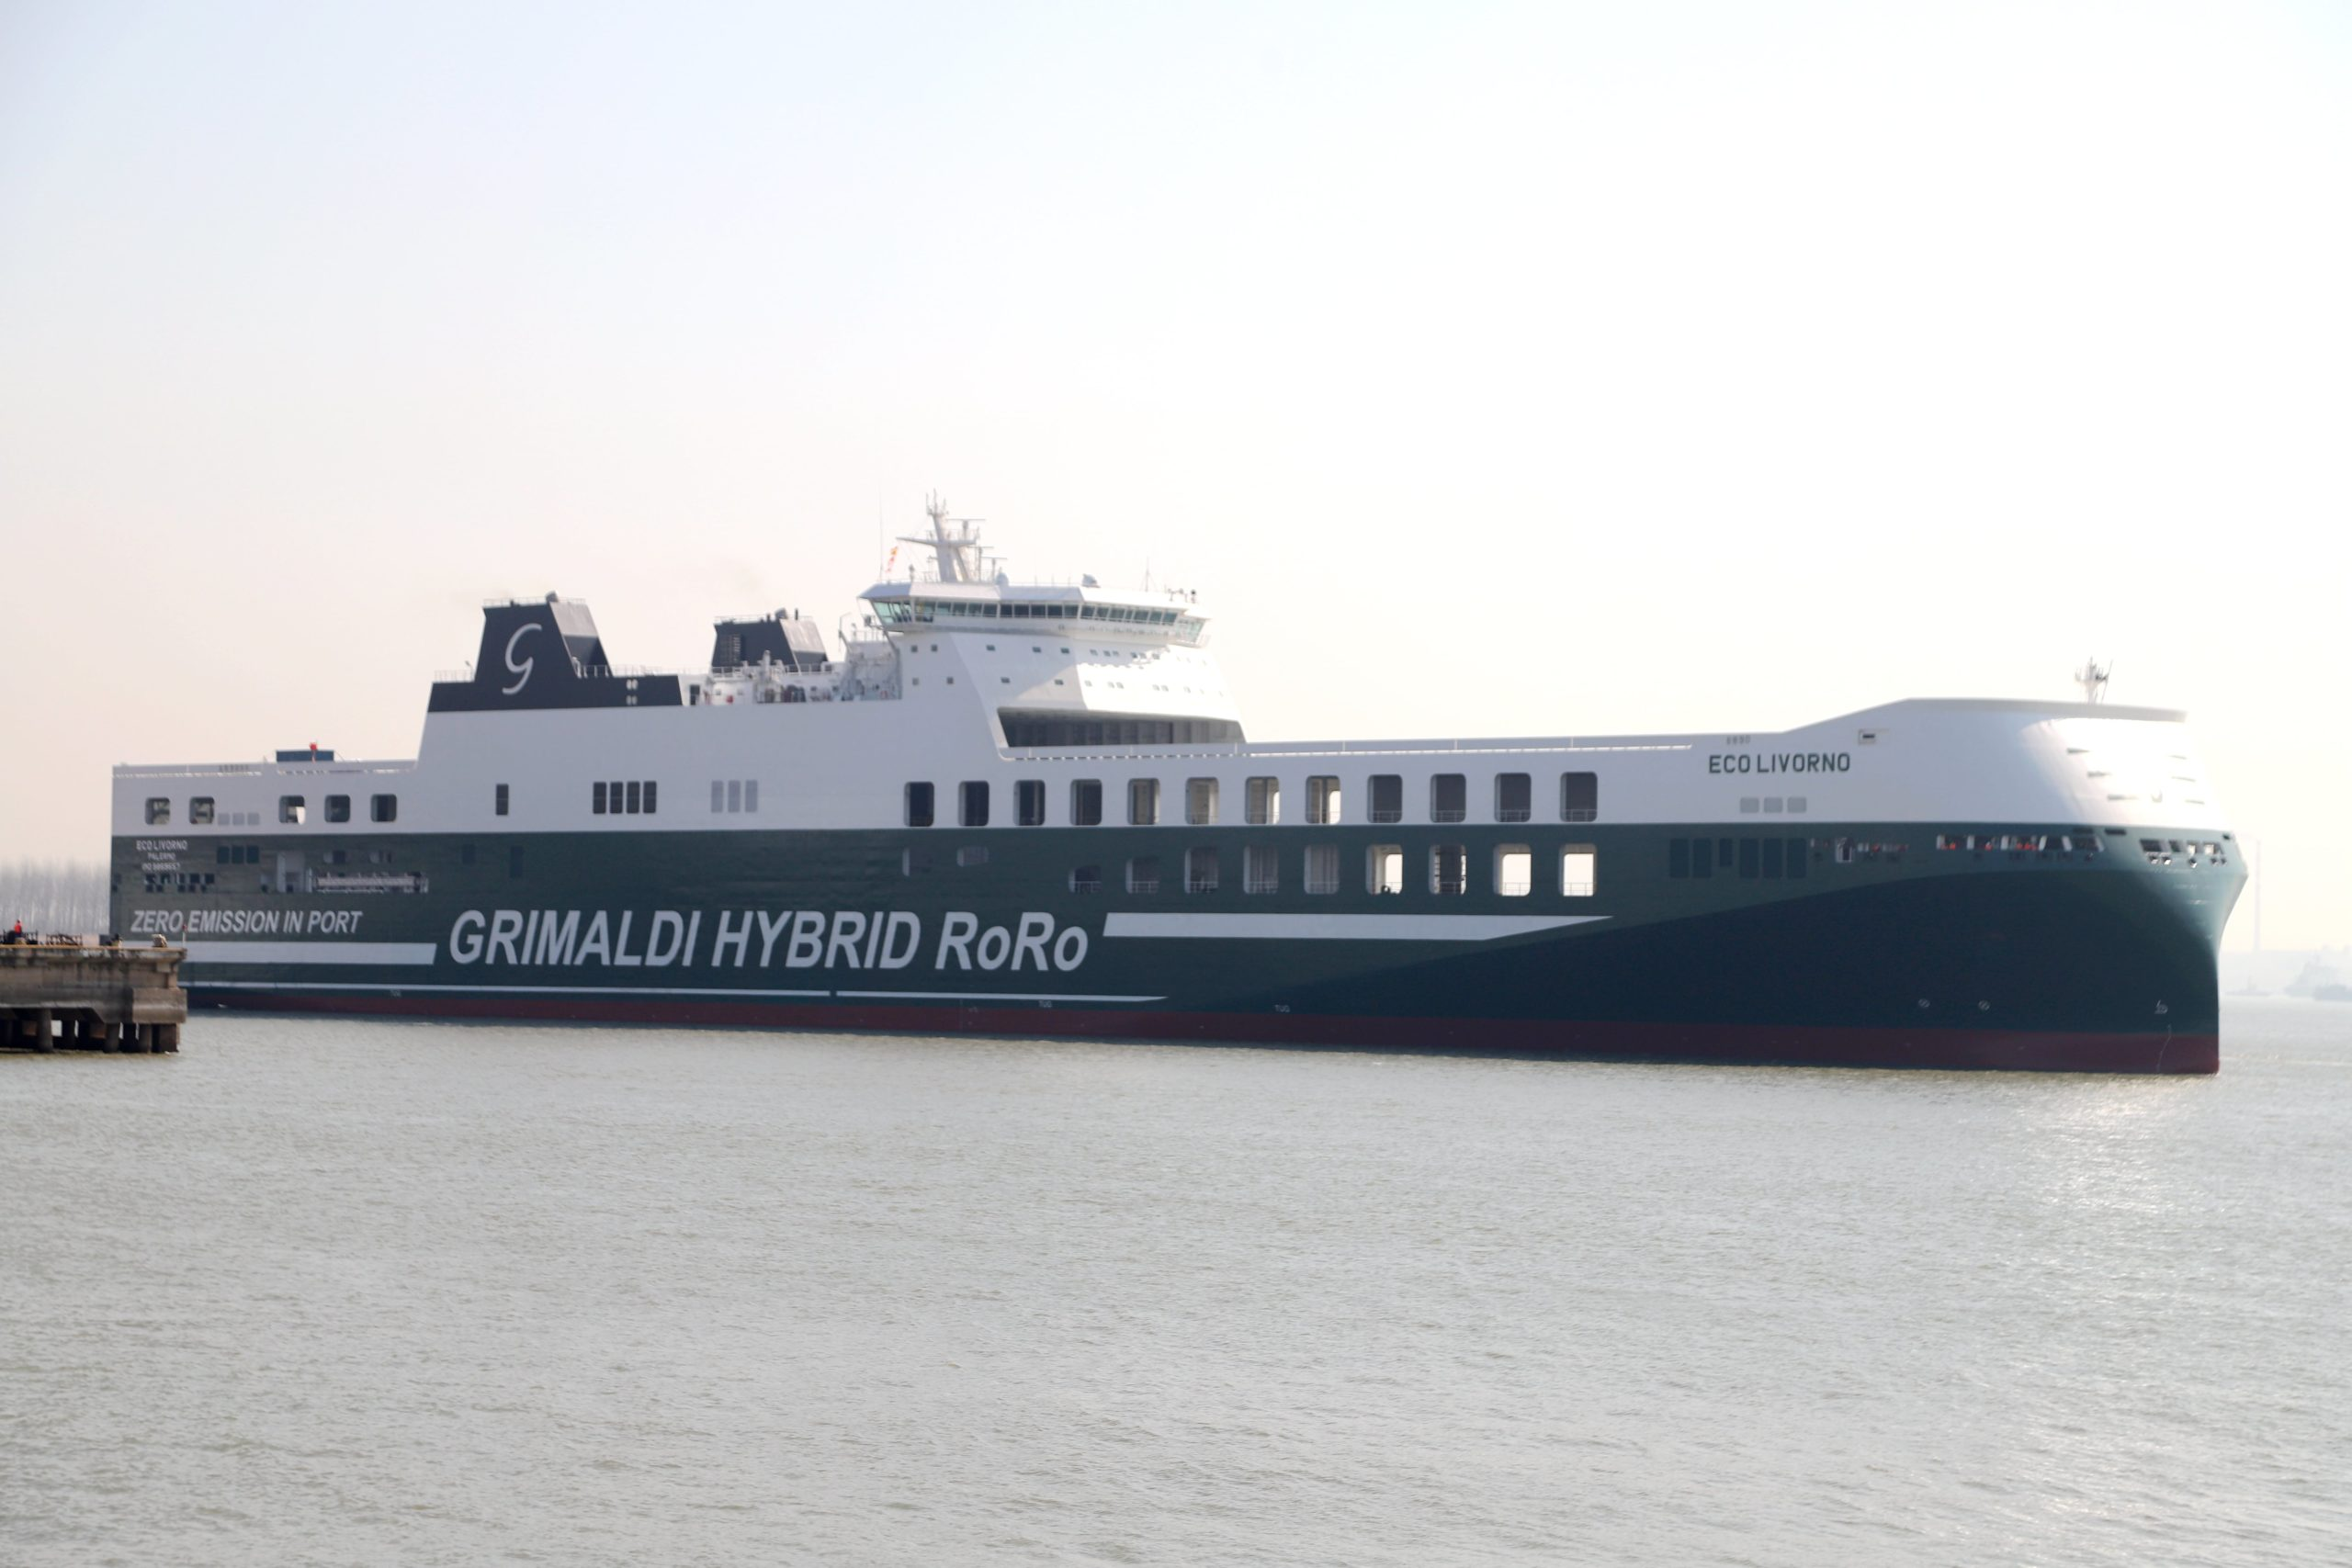 Eco Livorno - the innovative Grimaldi Green 5th Generation (GG5G) class